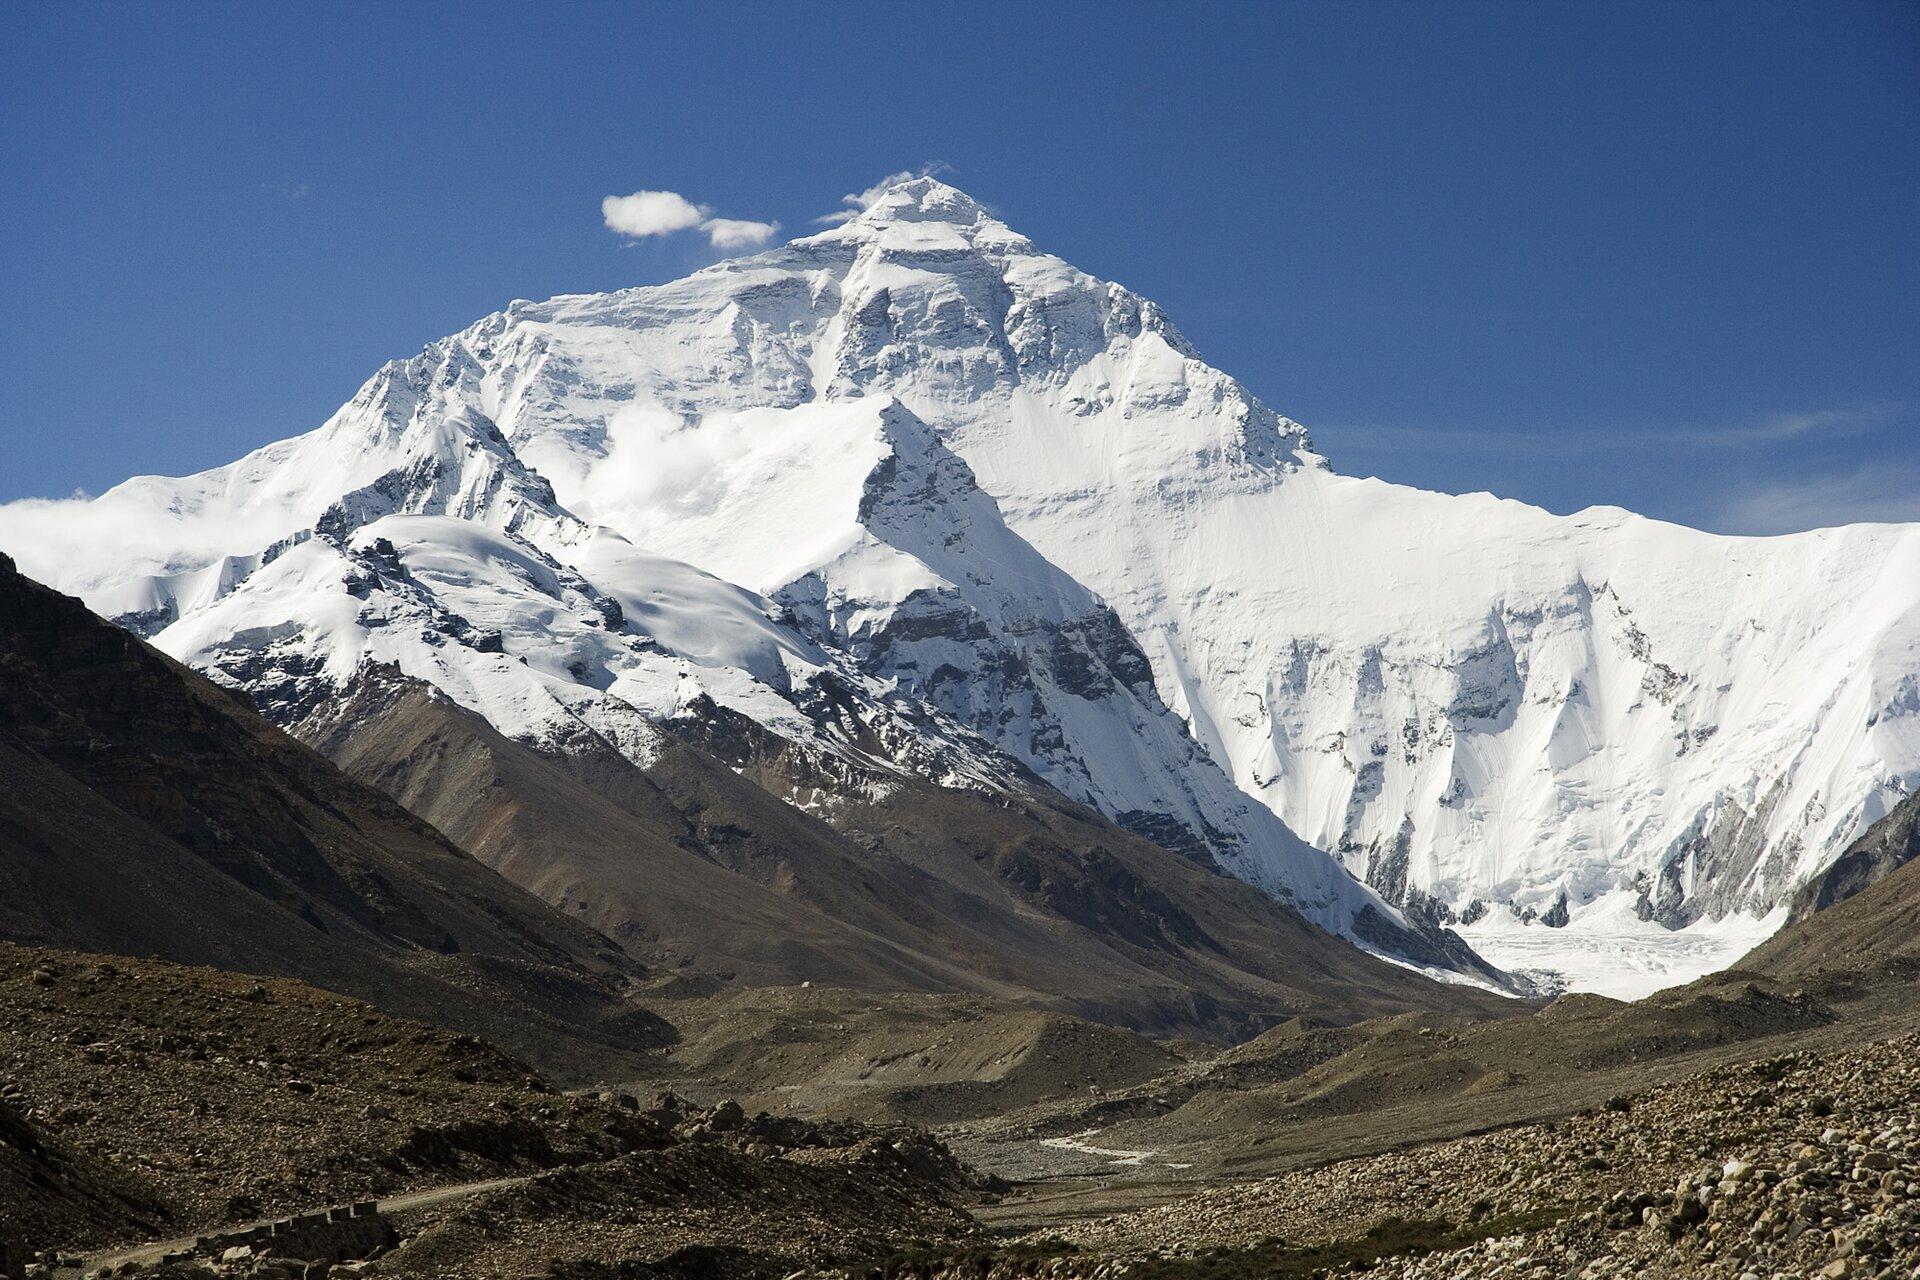 Ilustracja najwyższej góry świata - Mount Everest.